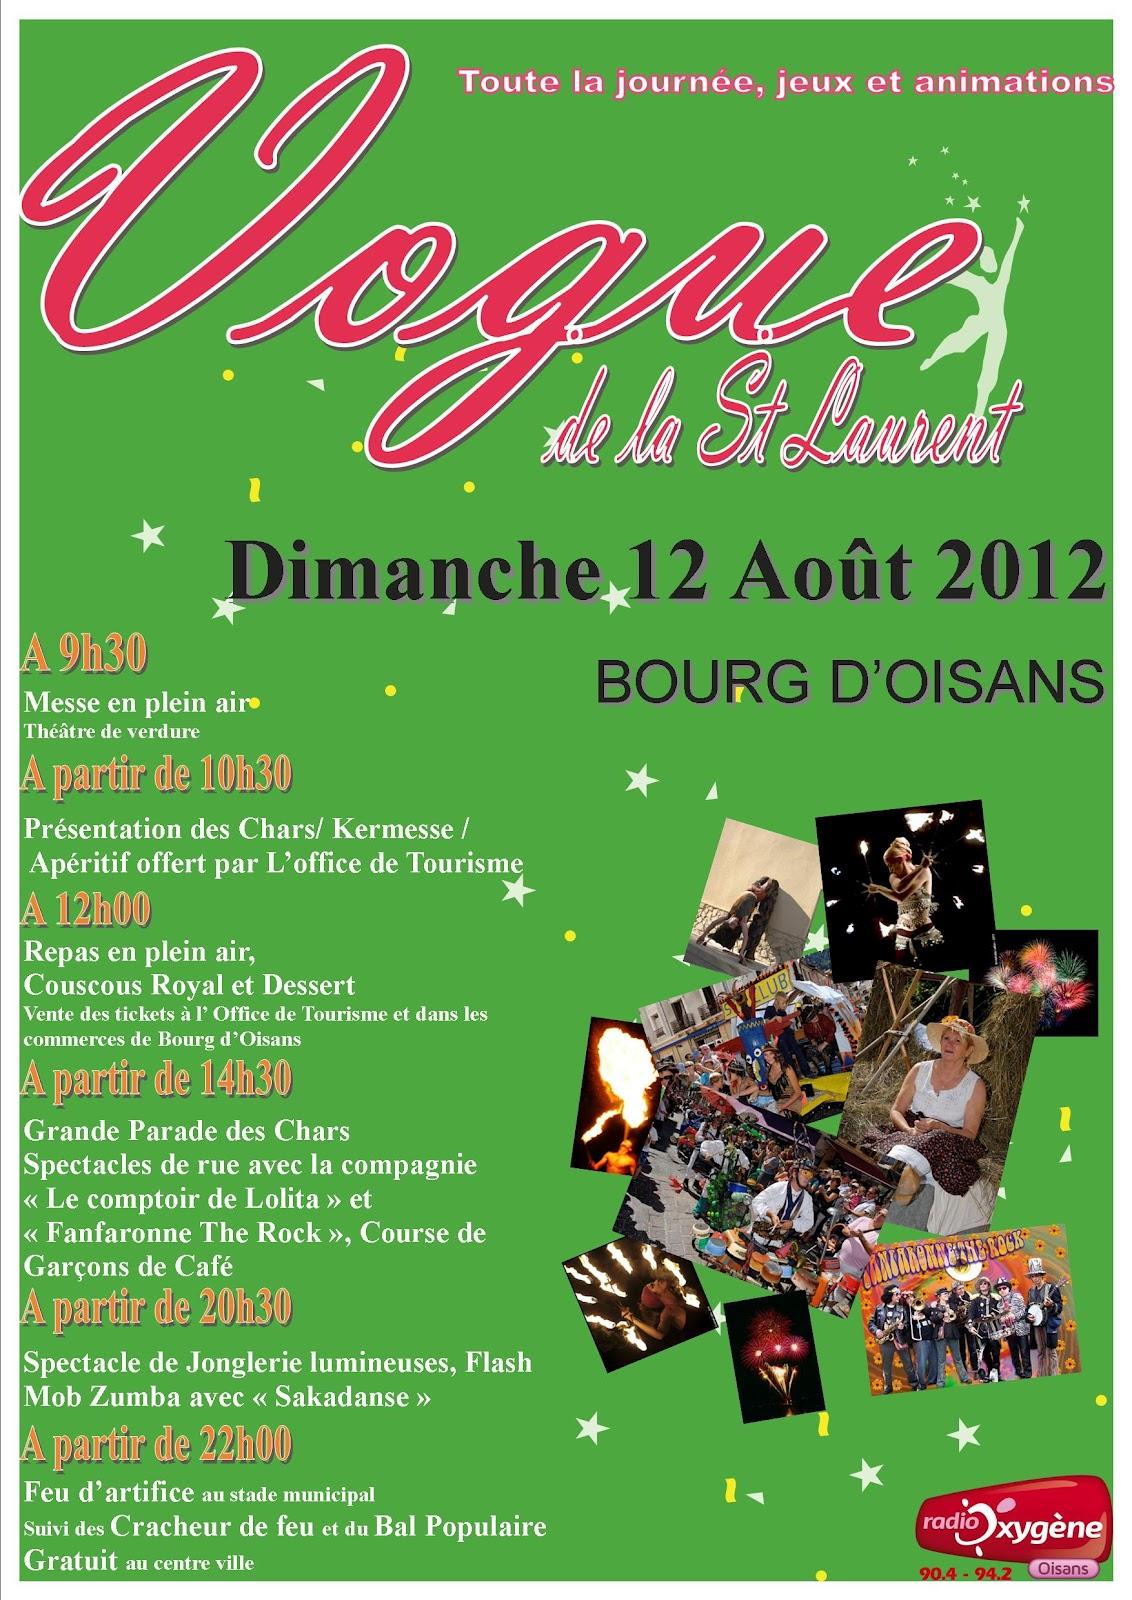 News de l 39 office de tourisme bourg d 39 oisans aujourd 39 hui vogue de la saint laurent - Bourg d oisans office tourisme ...